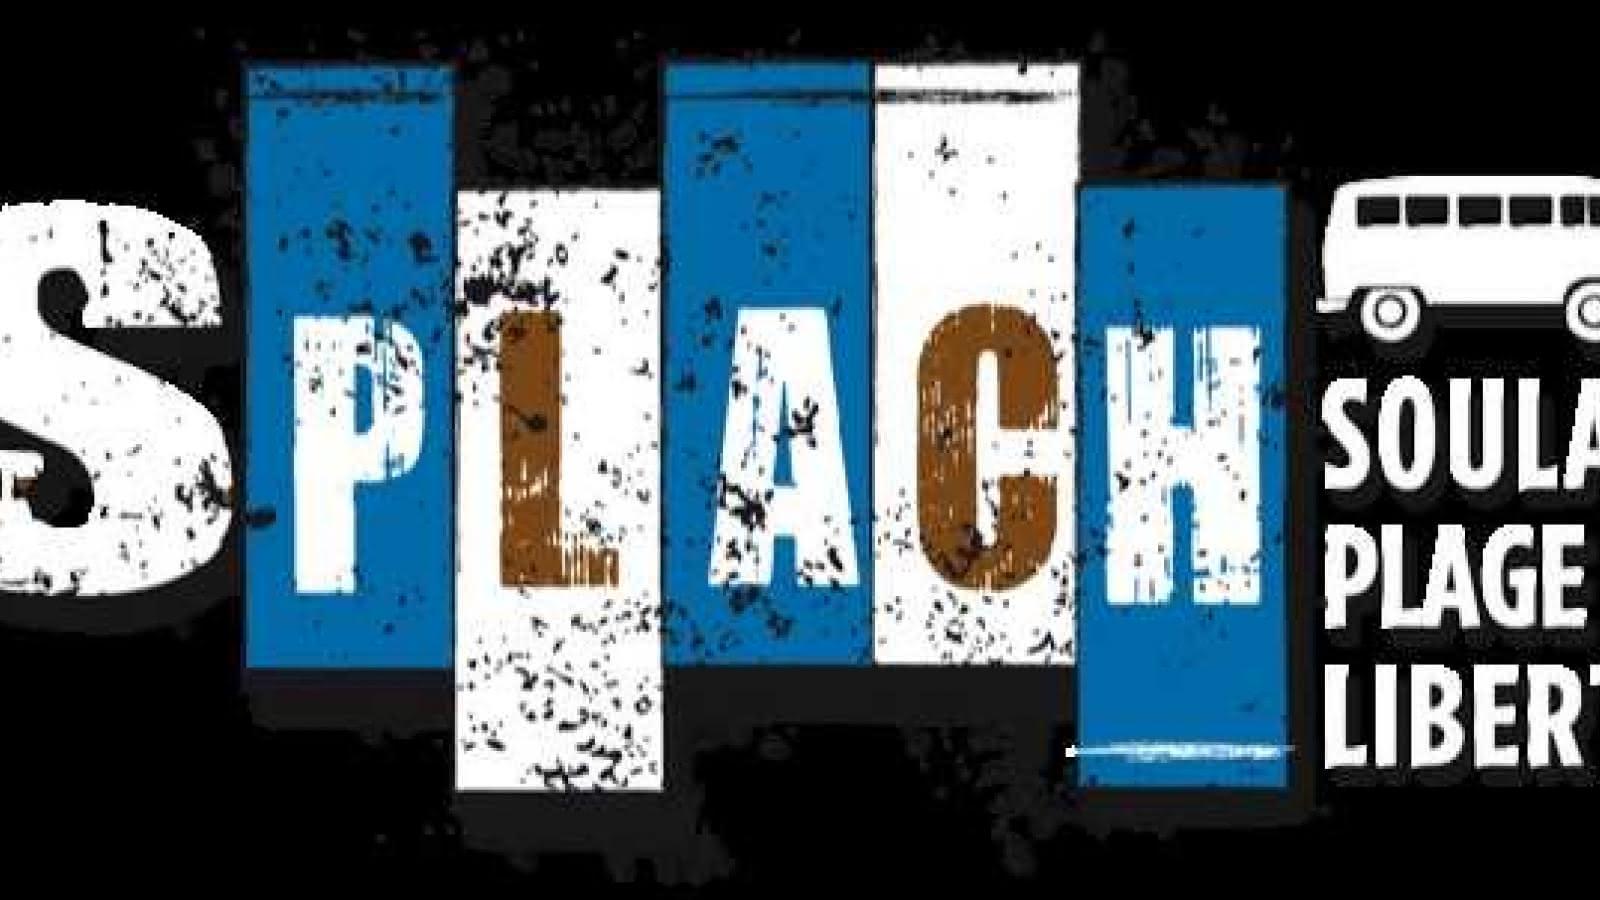 SPLACH-2